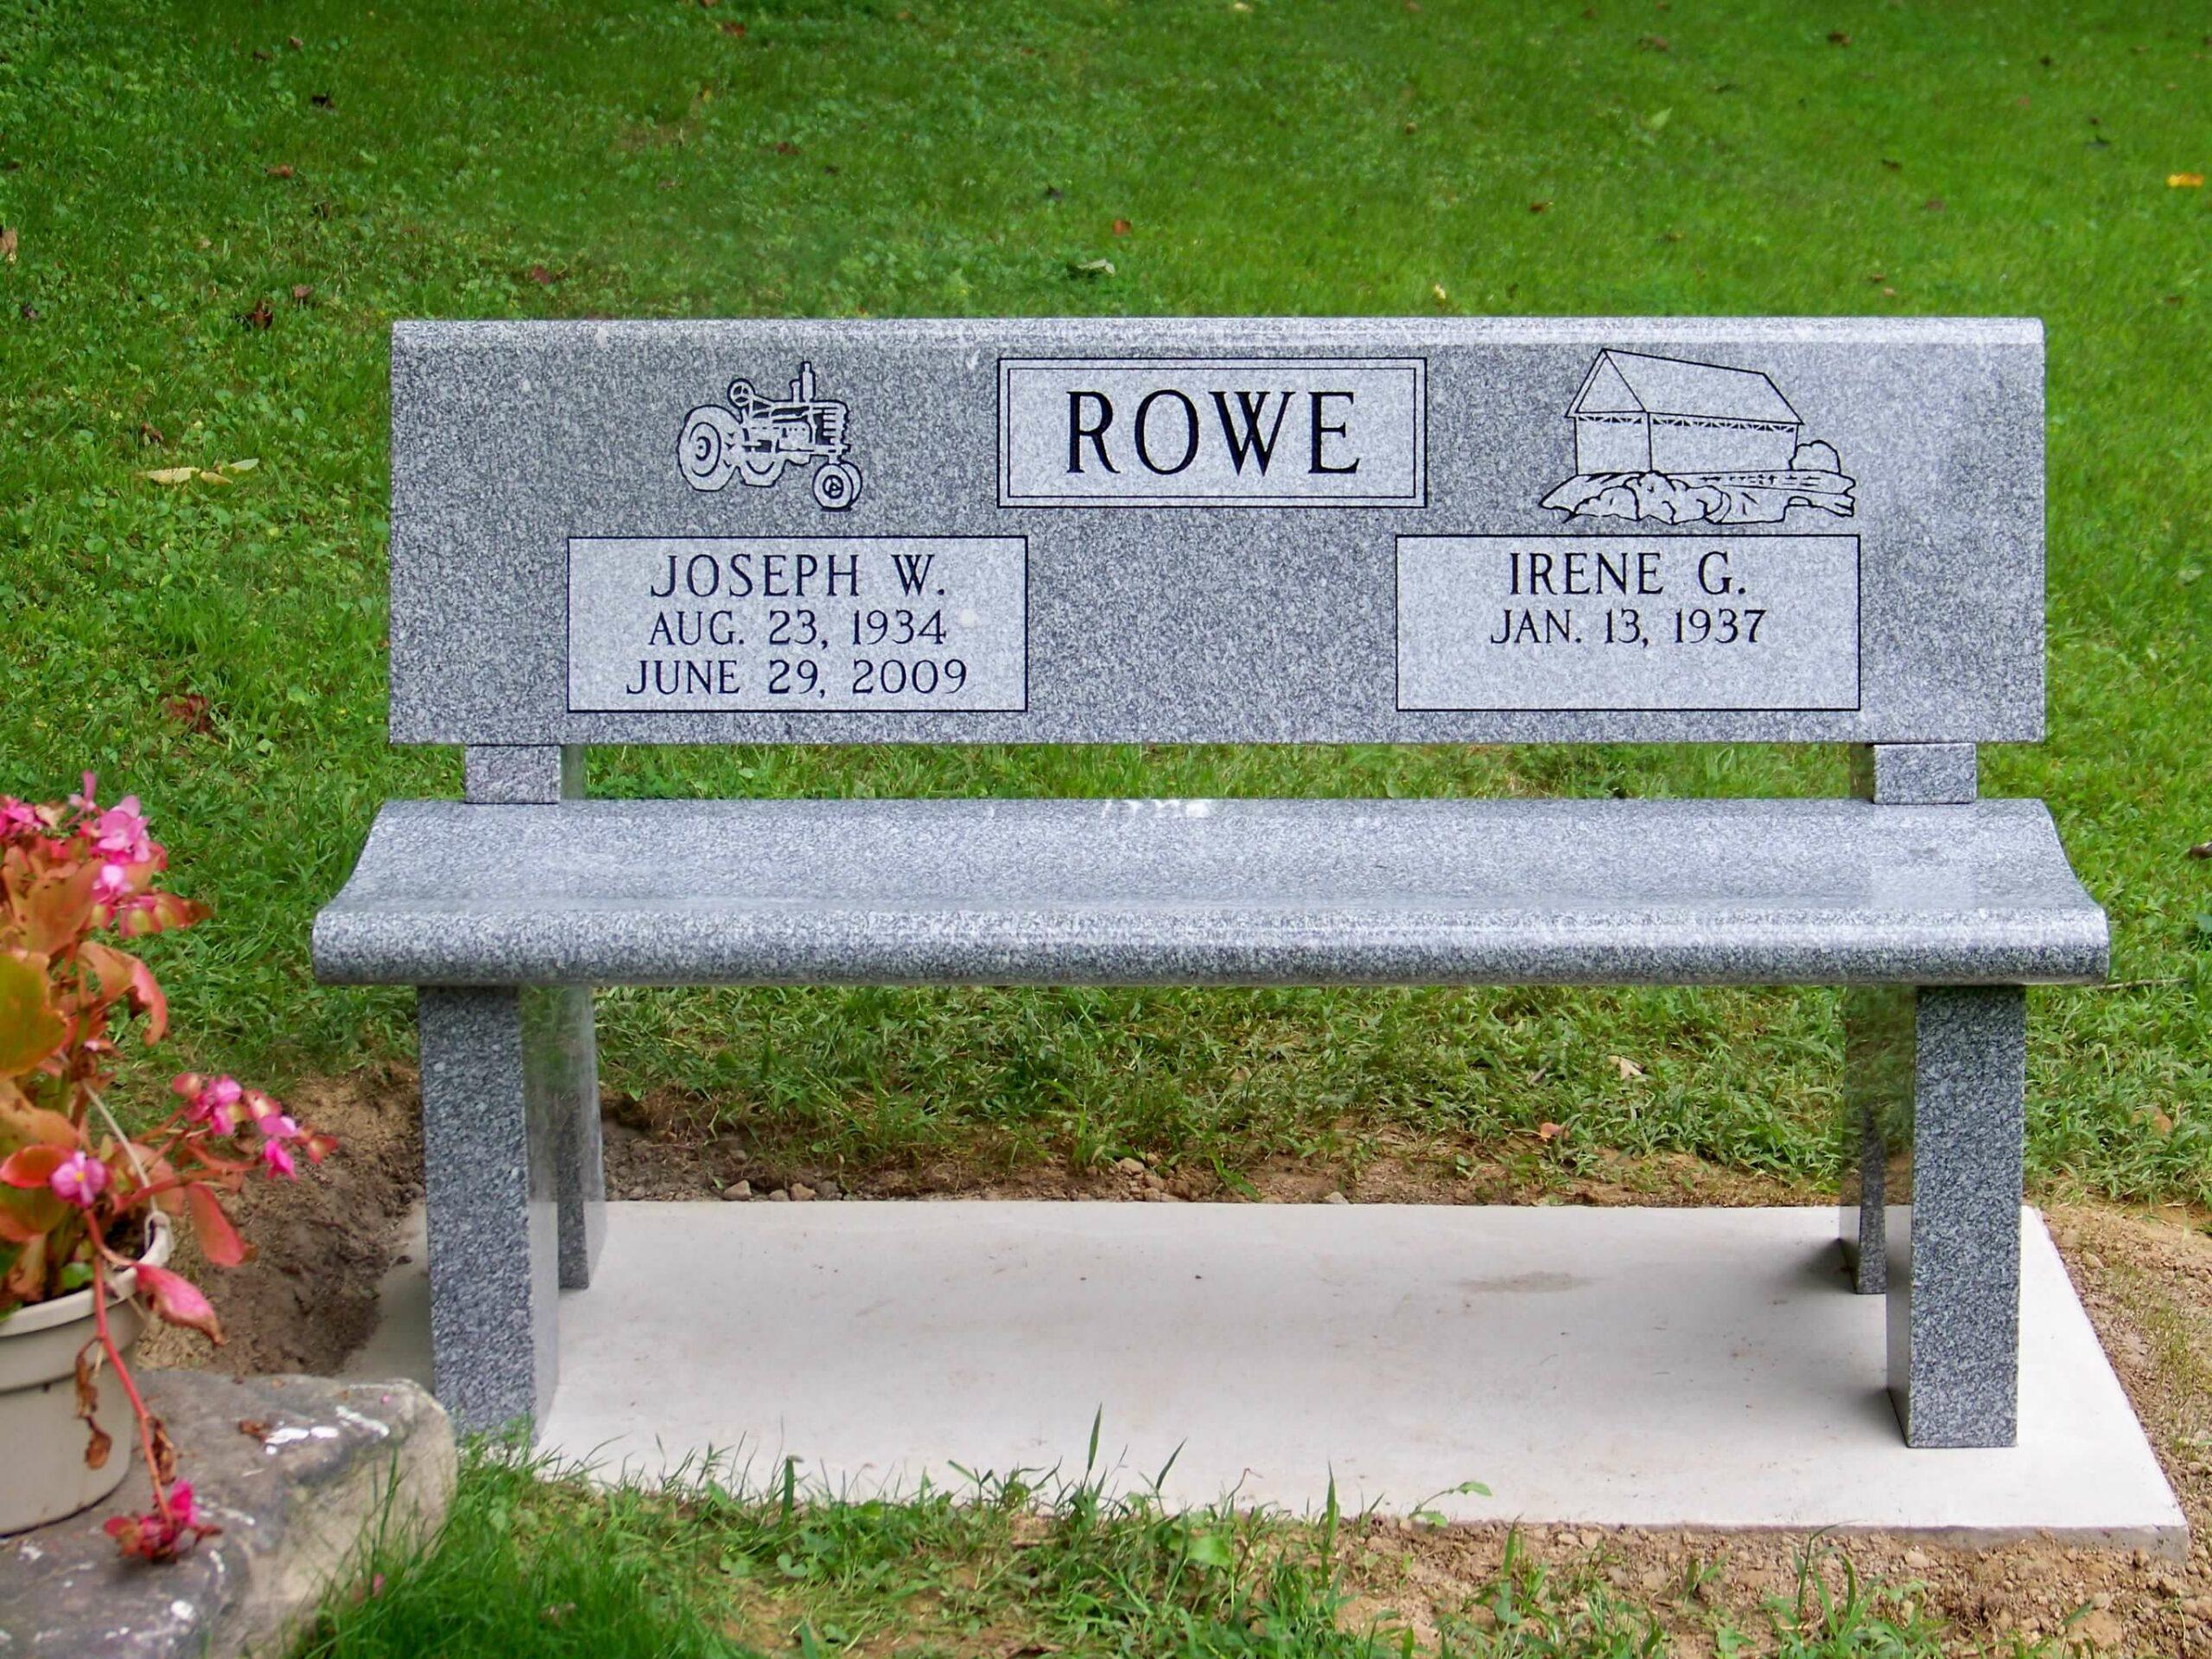 Rowe, Joseph W. Irene G.